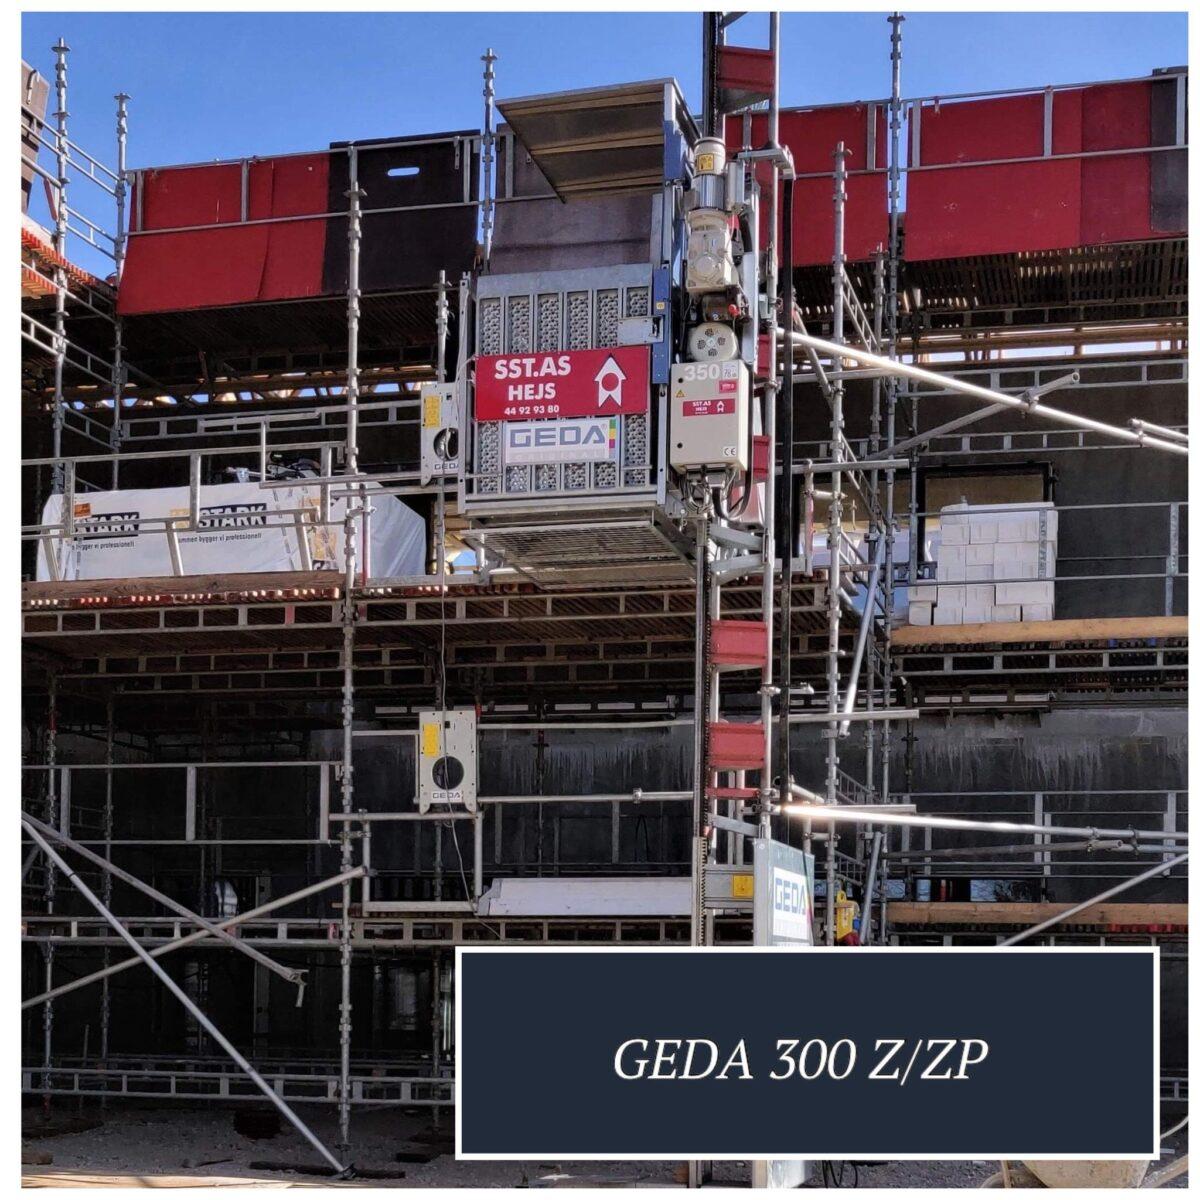 GEDA 300 Z ZP hejs Materialehejs og personhejs til transport af materialer. Velegnet som skakthejs til montering i elevatorskakt og kan anvendes til facaderenoveringer ved byggepladser